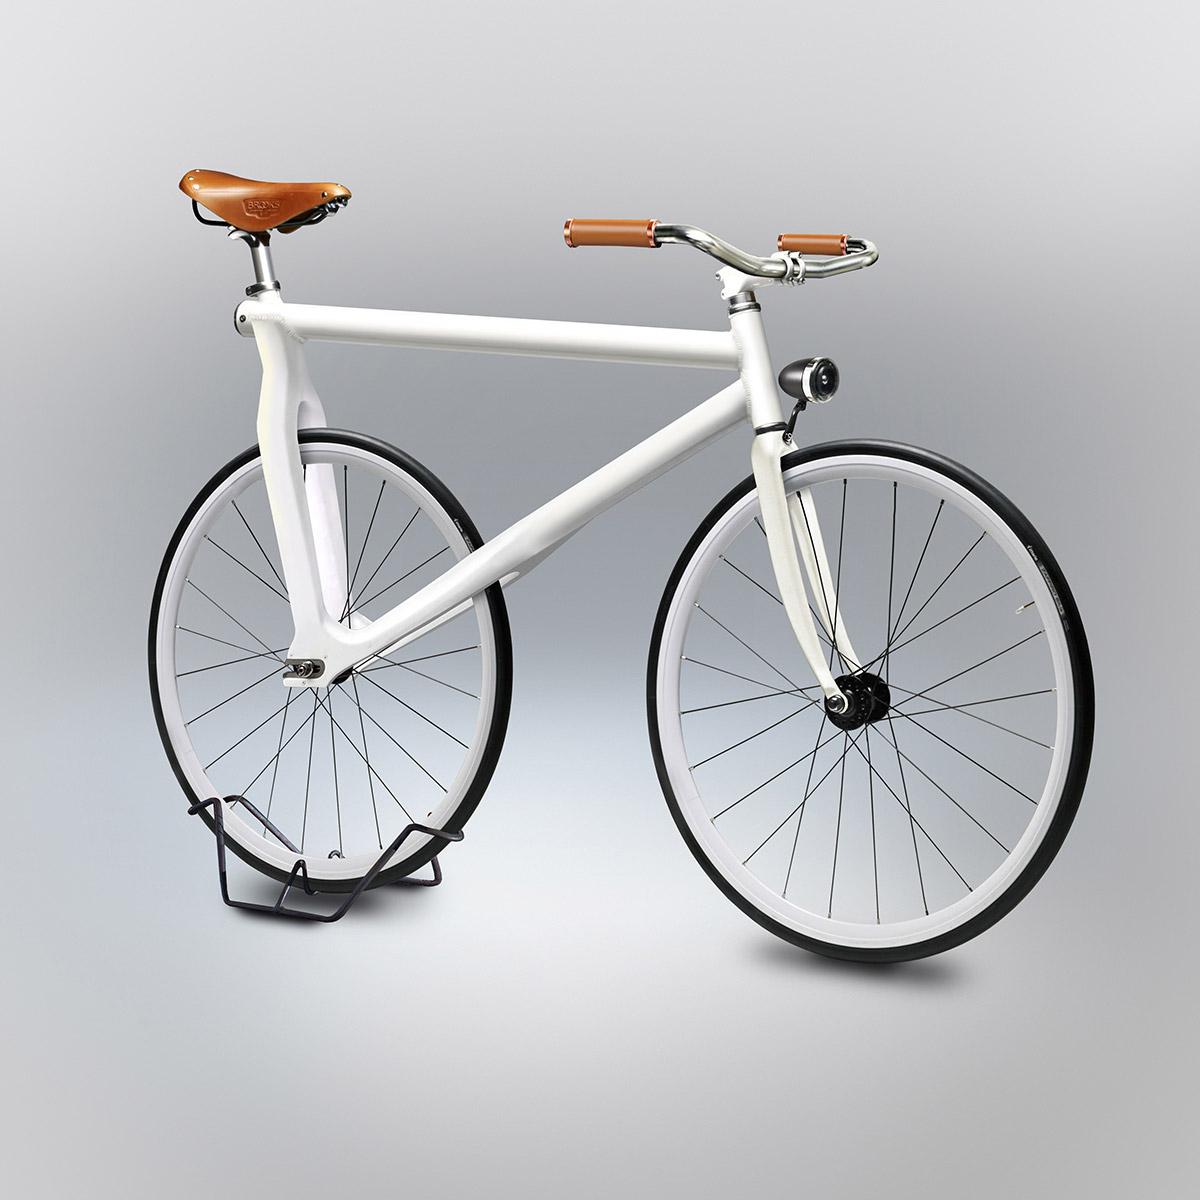 bike by mistake 04